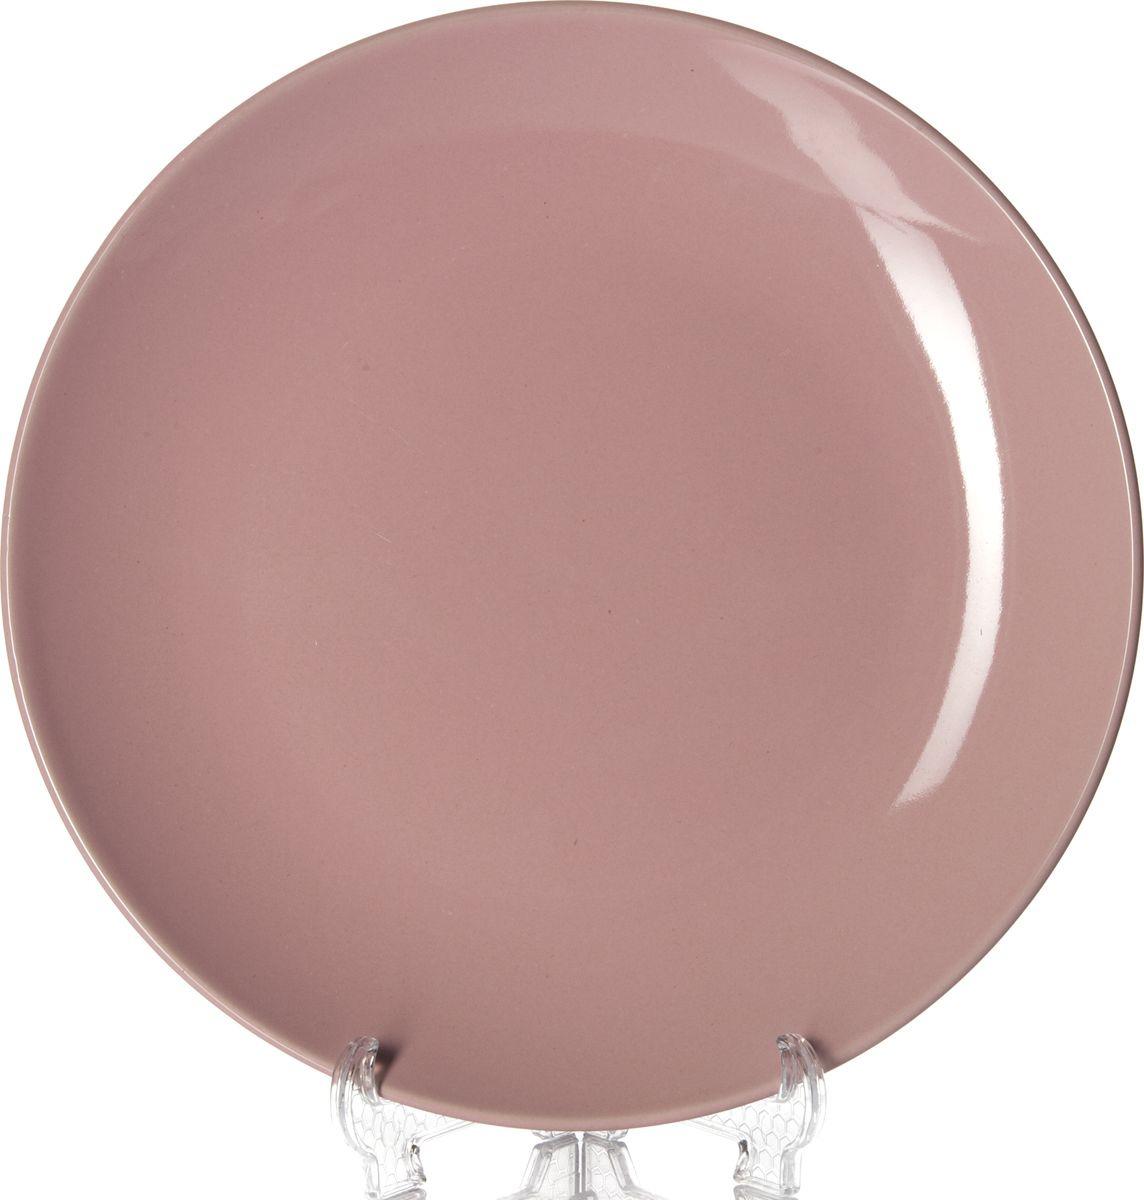 Тарелка Gotoff, 10218B, розовый, диаметр 21,2 см тарелка глубокая gotoff цвет фисташковый диаметр 18 5 см